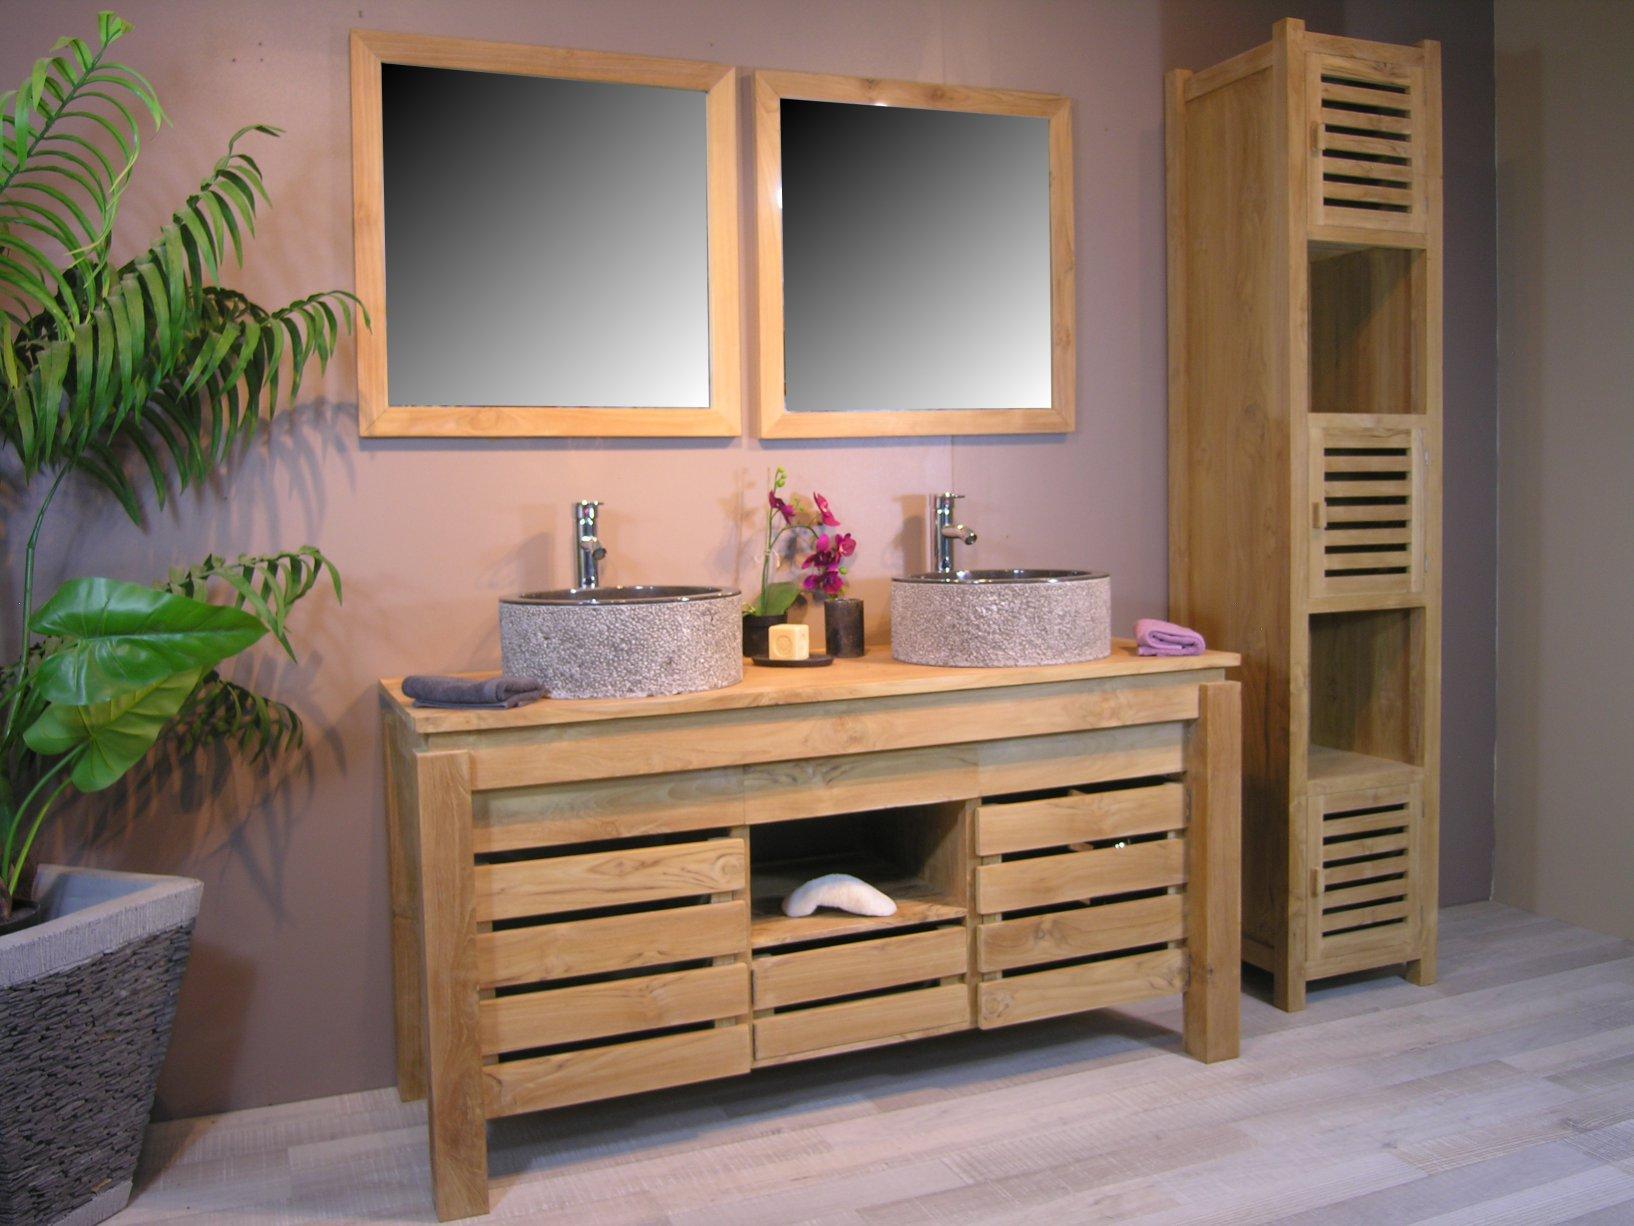 Meuble Salle De Bain Double Vasque Ikea Meilleur De Collection Meuble De Sdb 26 Nouveau Salle Bain Design Et Suspendu 48 Sur Id C3